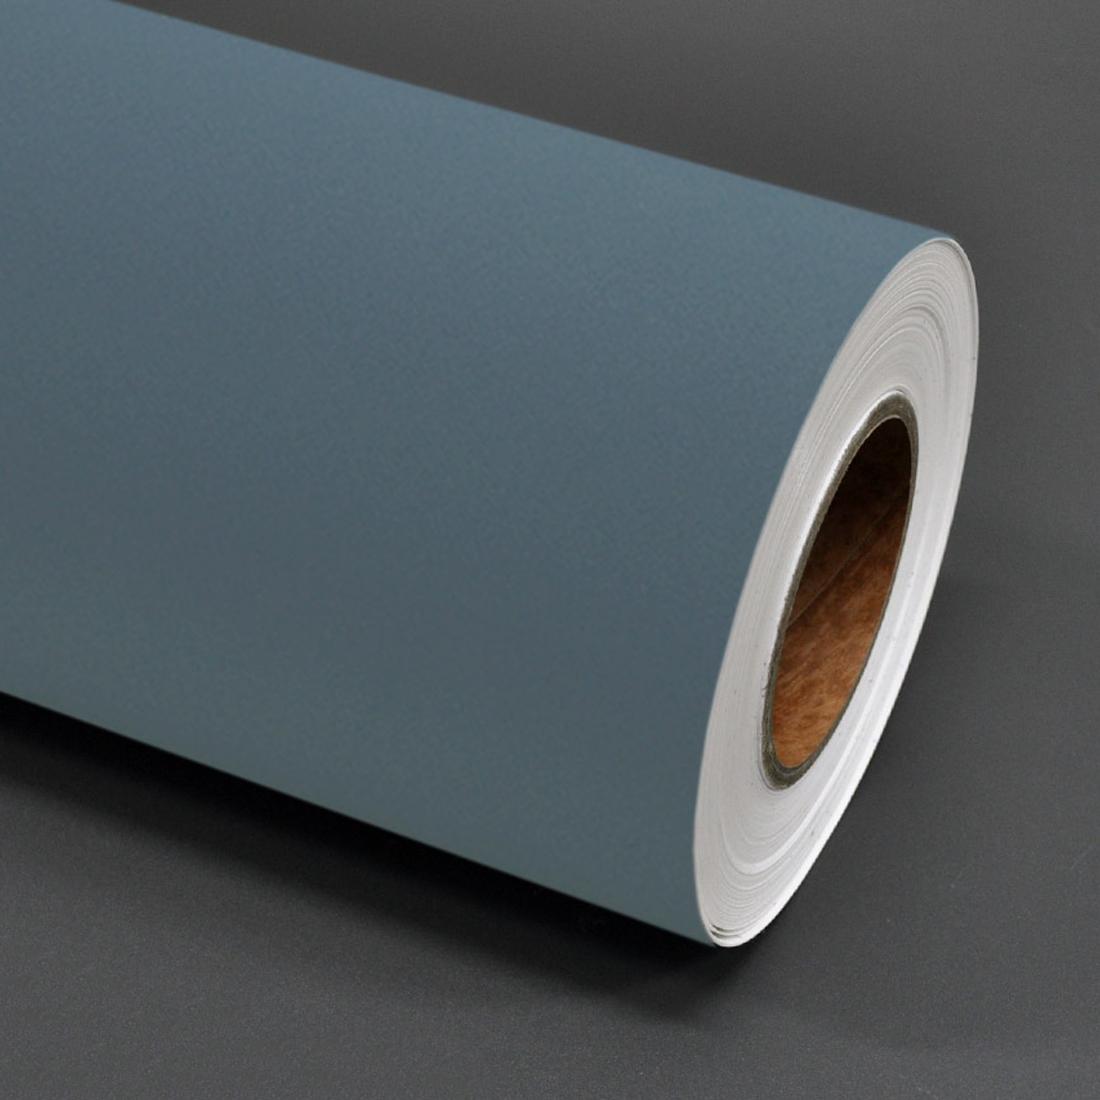 데코리아 현대인테리어필름 에어프리 생활방수 접착식 단색컬러시트지필름, SL549 일렉트릭블루